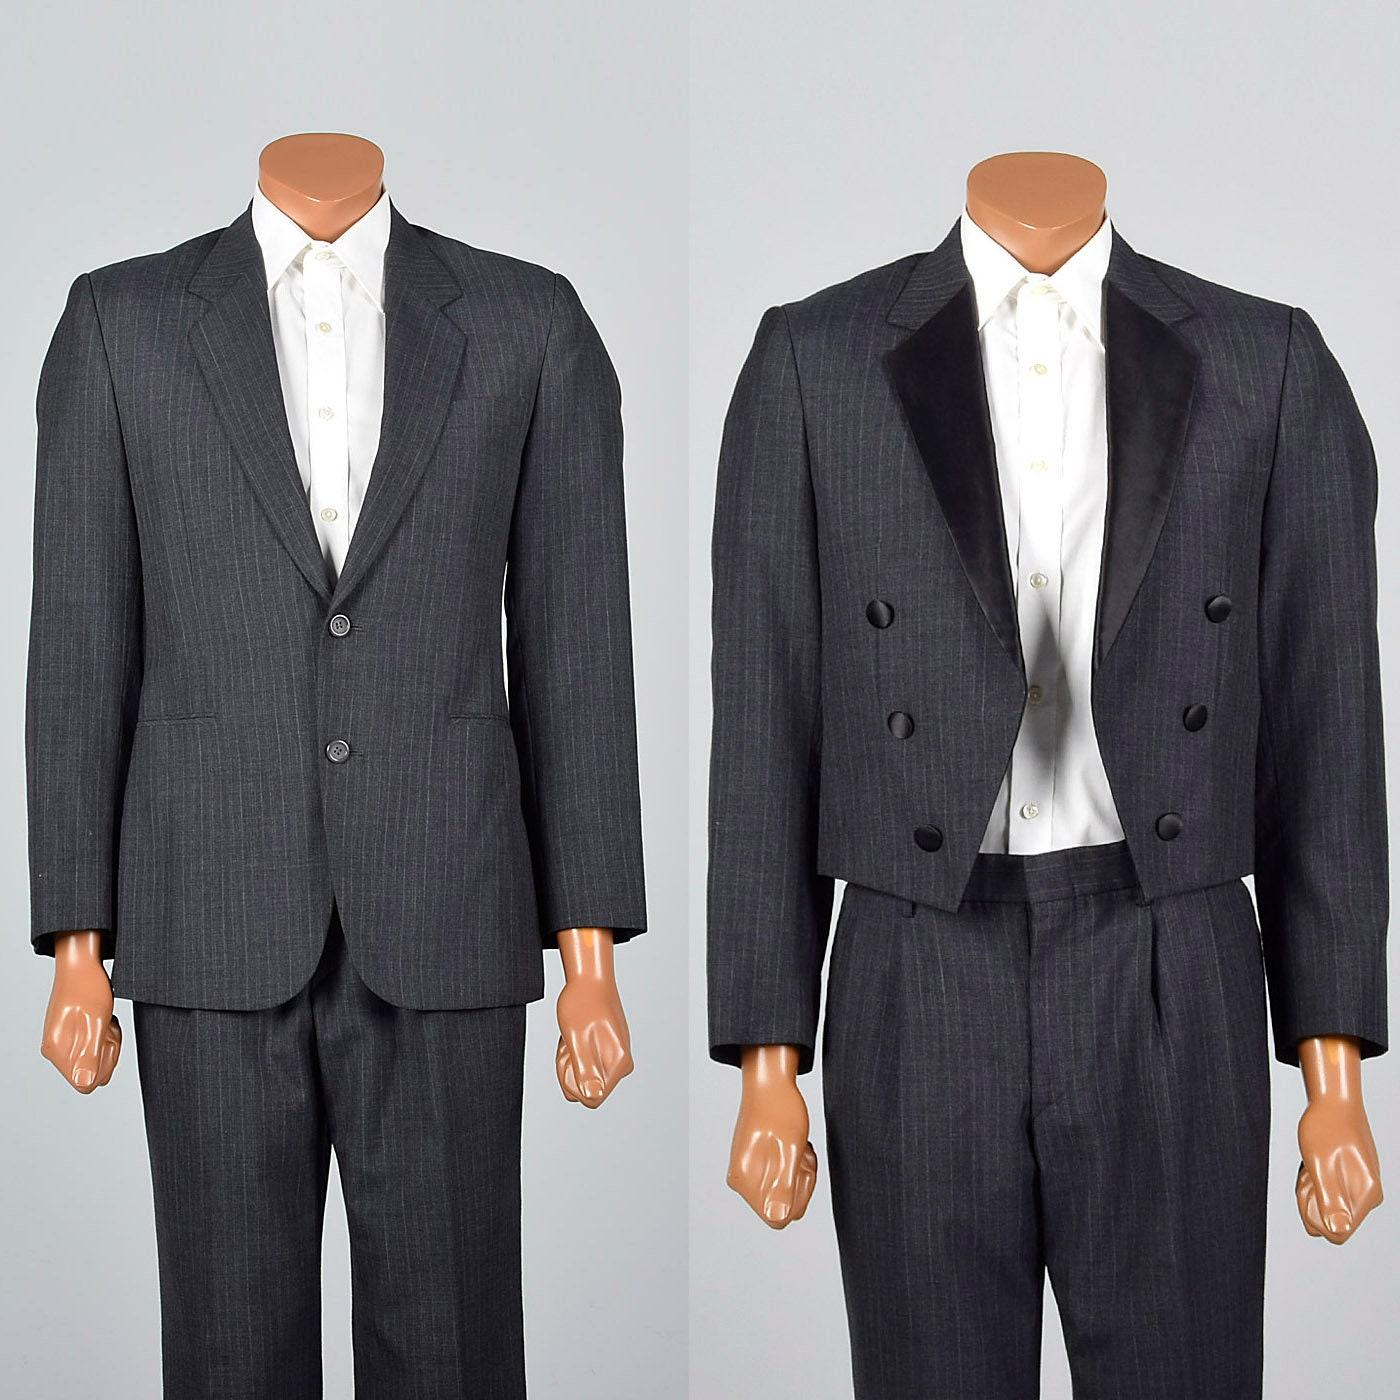 9ca3b9d1892c75 37R 32 x 31 des années 1960 pour pour 1960 homme que trois pièces costume  Smoking